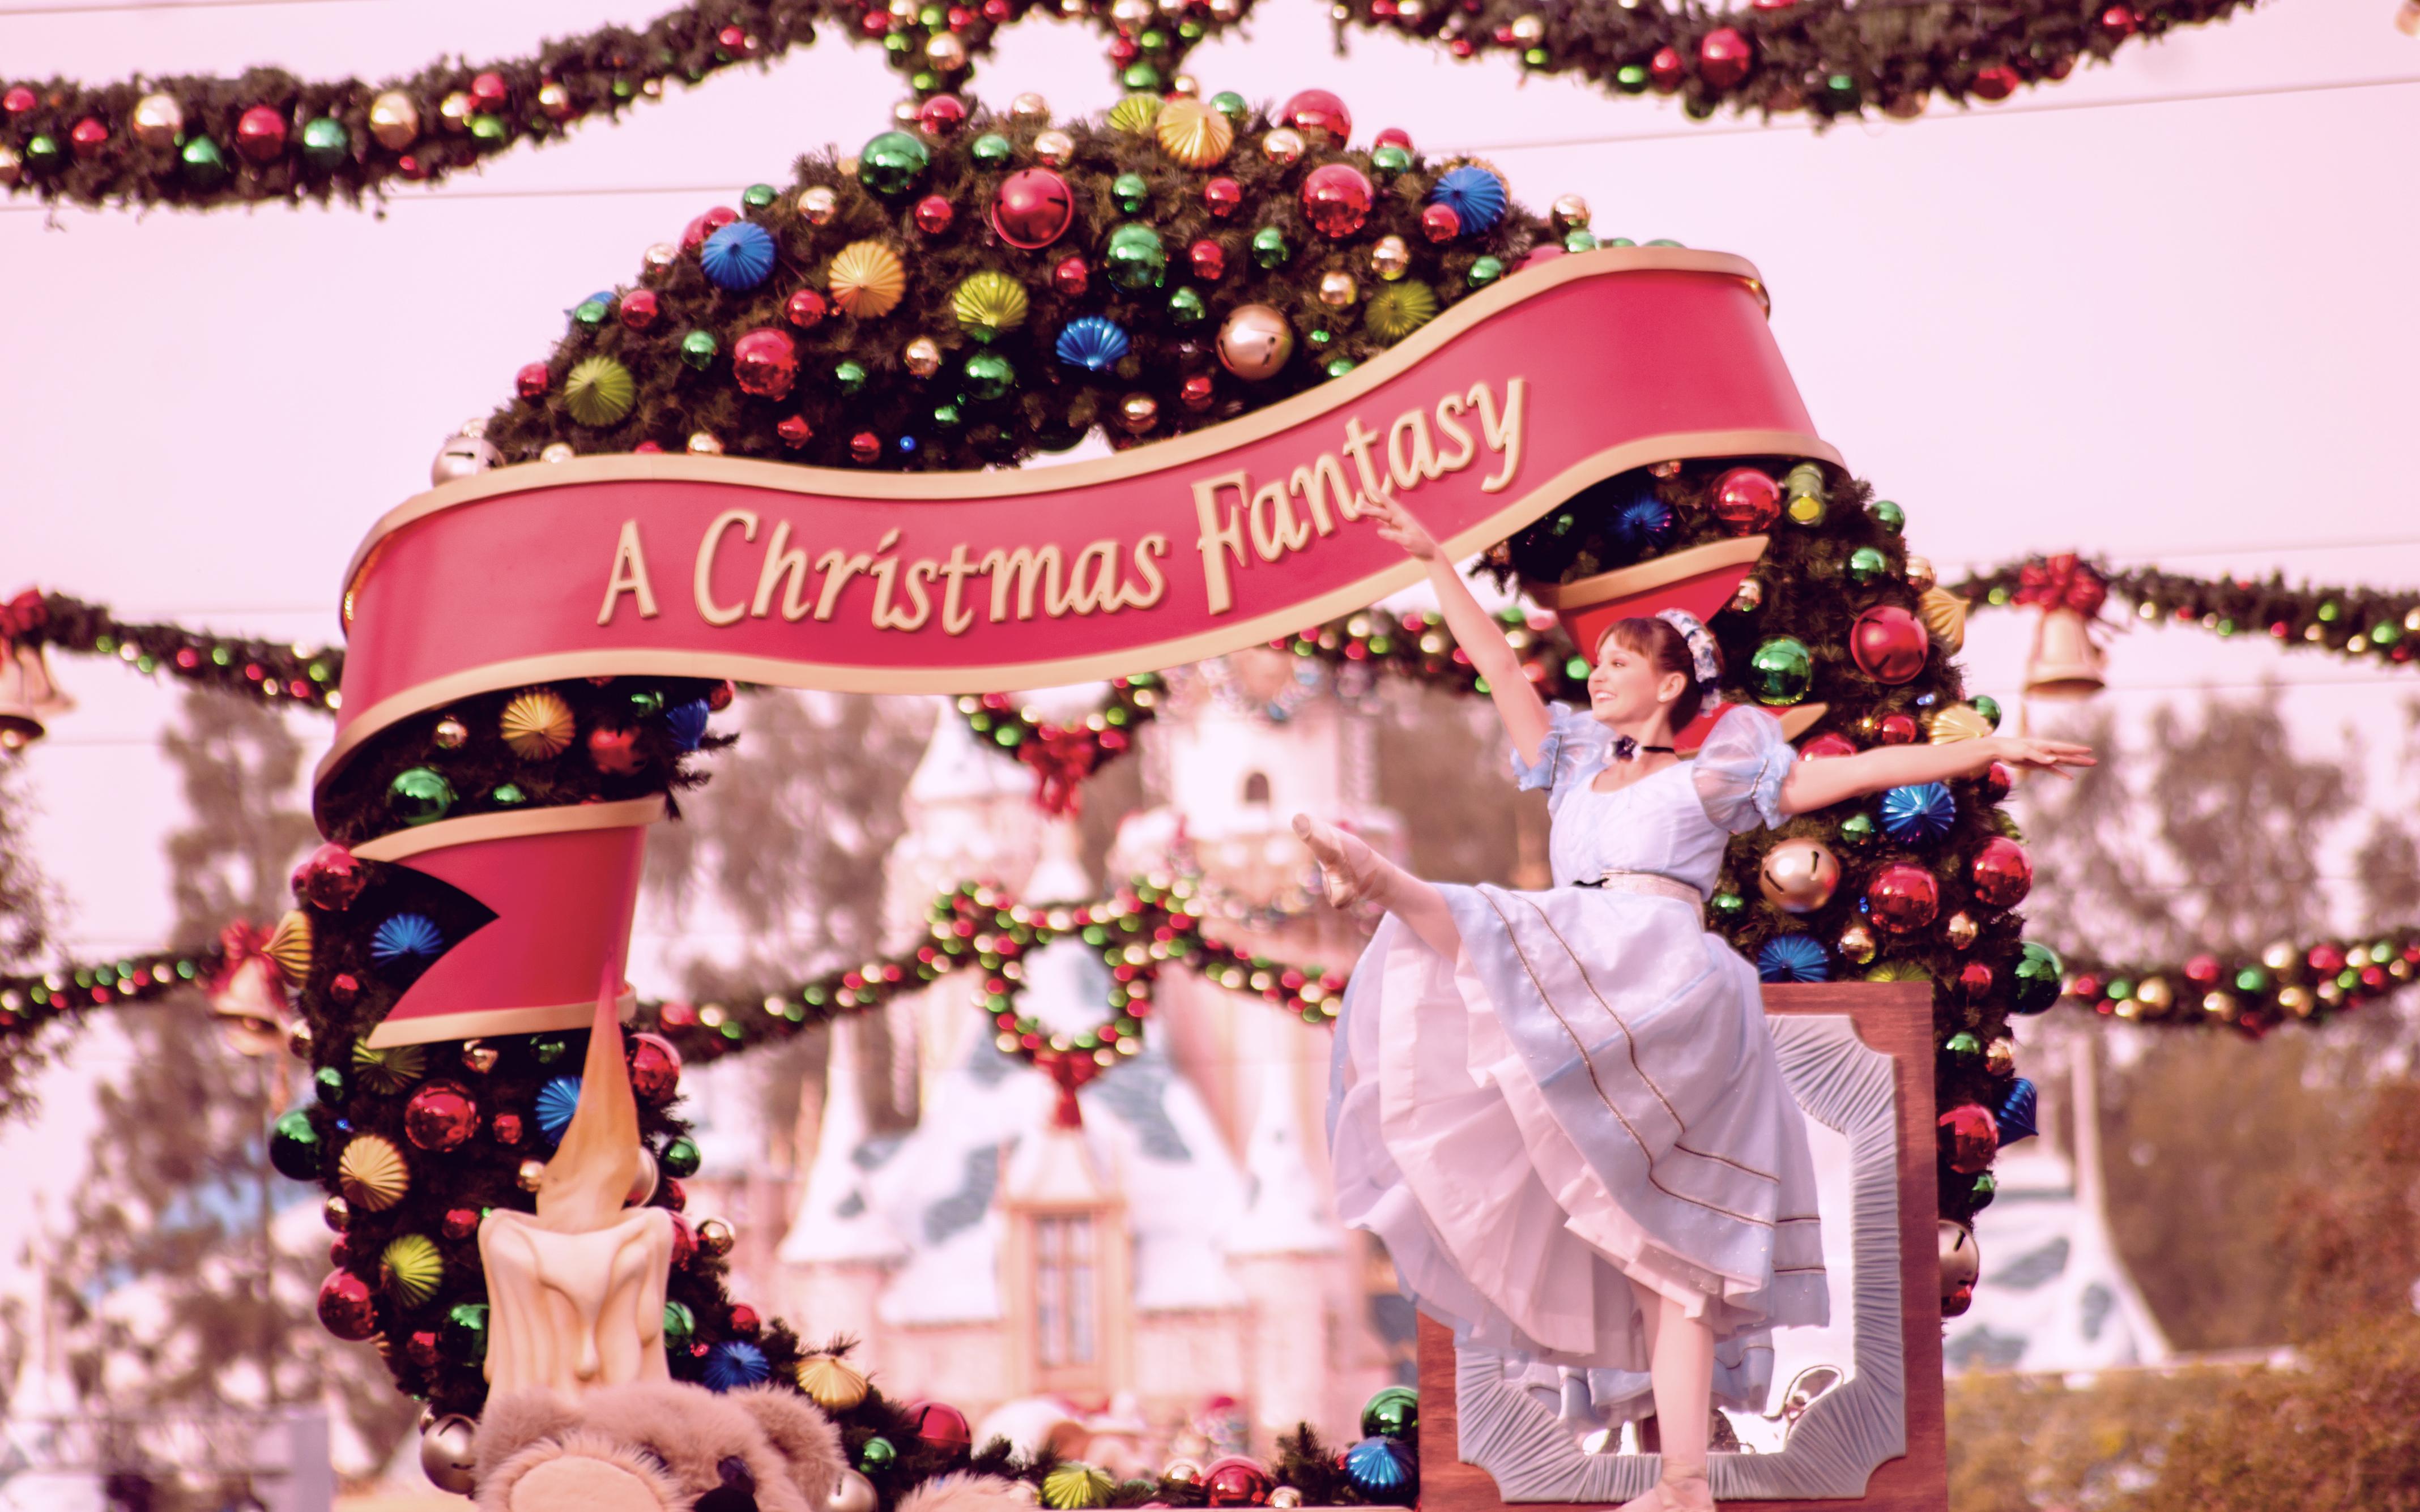 Dancing ballerina | A Christmas Fantasy